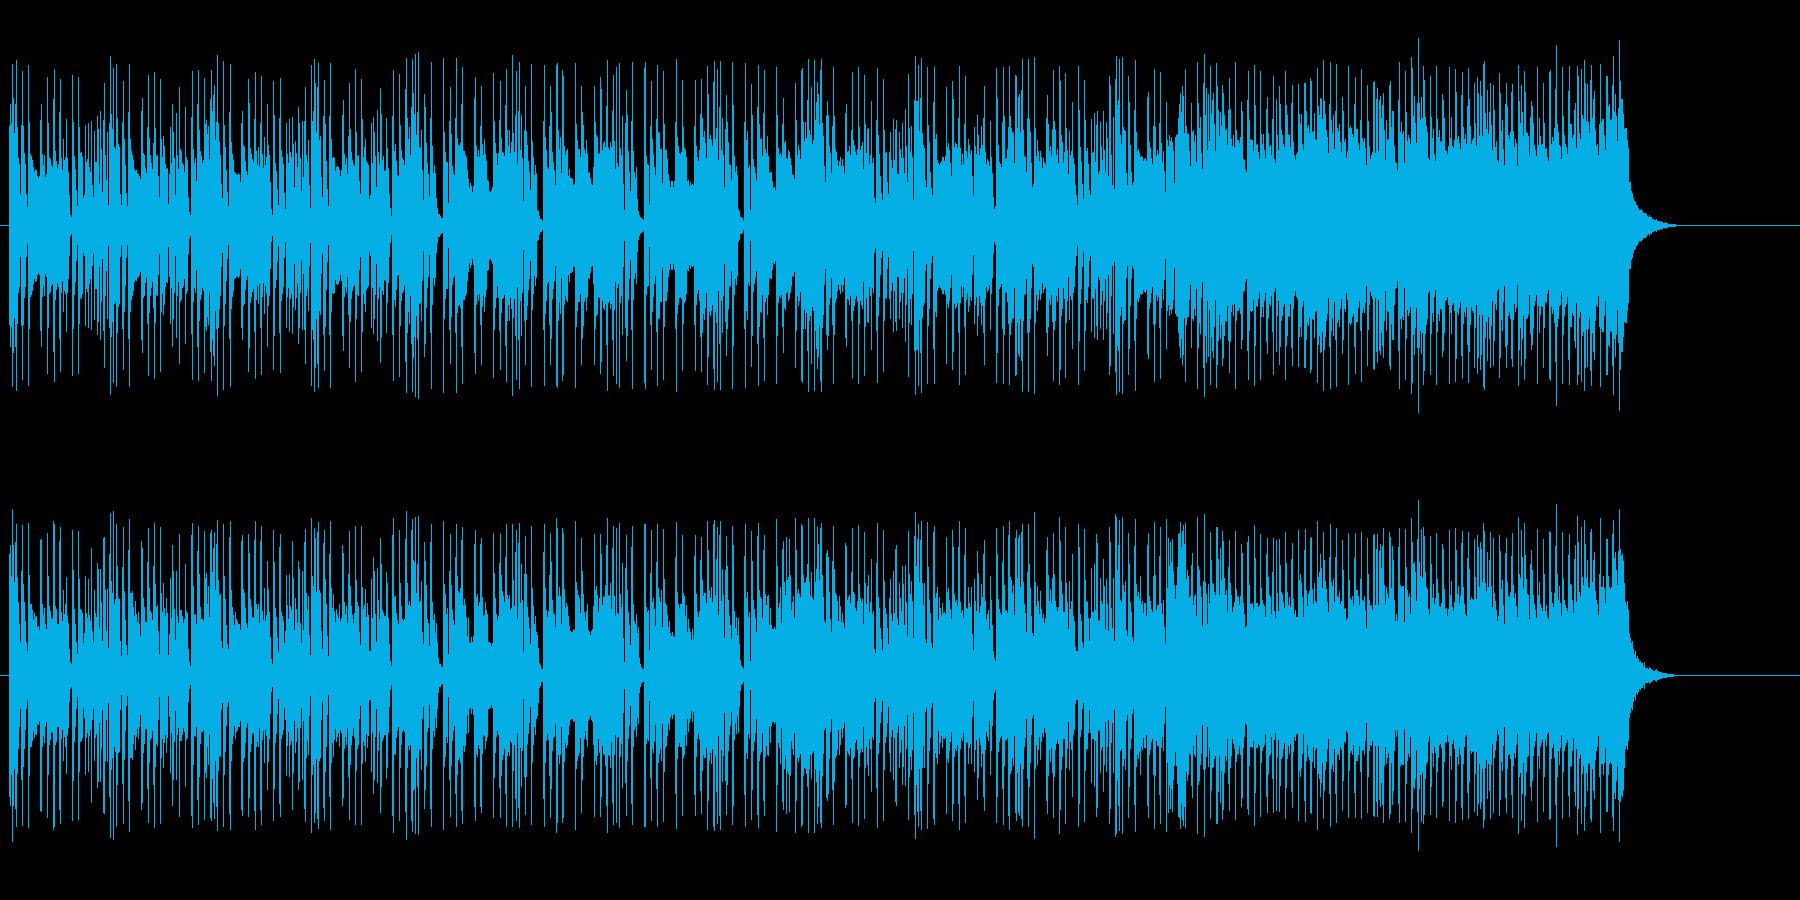 エレクトリックでスマートなポップ/ロックの再生済みの波形